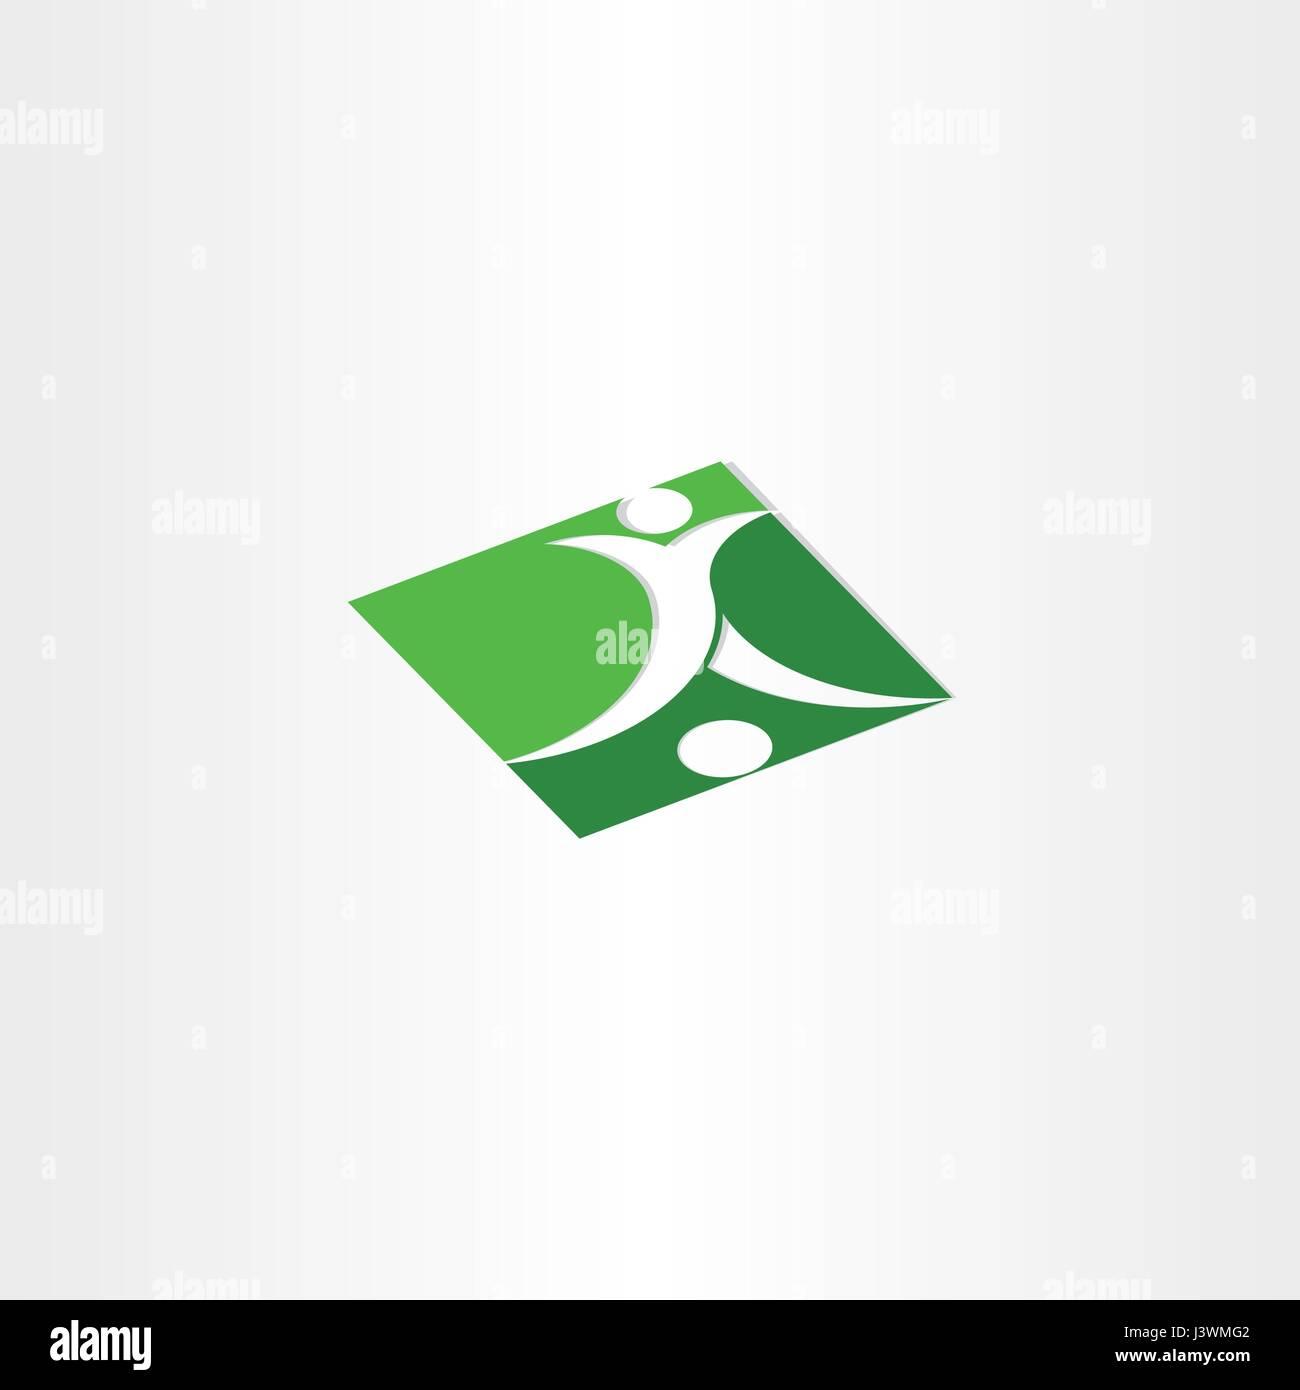 footballer shooting soccer green icon - Stock Vector